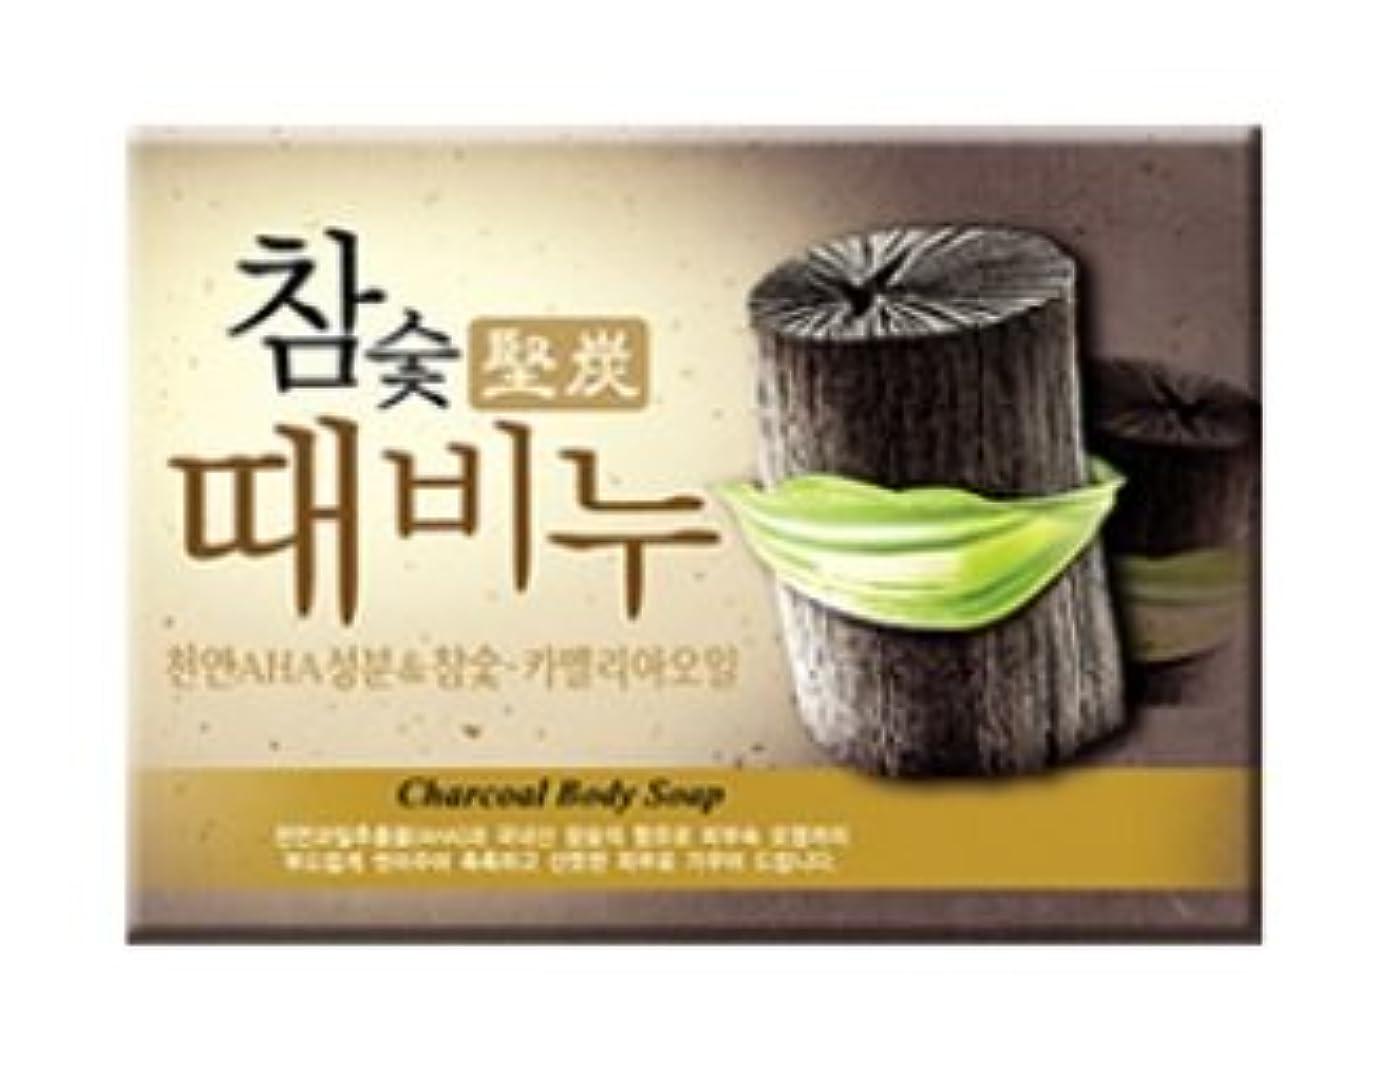 仕事に行く喪長くする堅炭ソープ 100g / Charcoal Body Soap [並行輸入品]